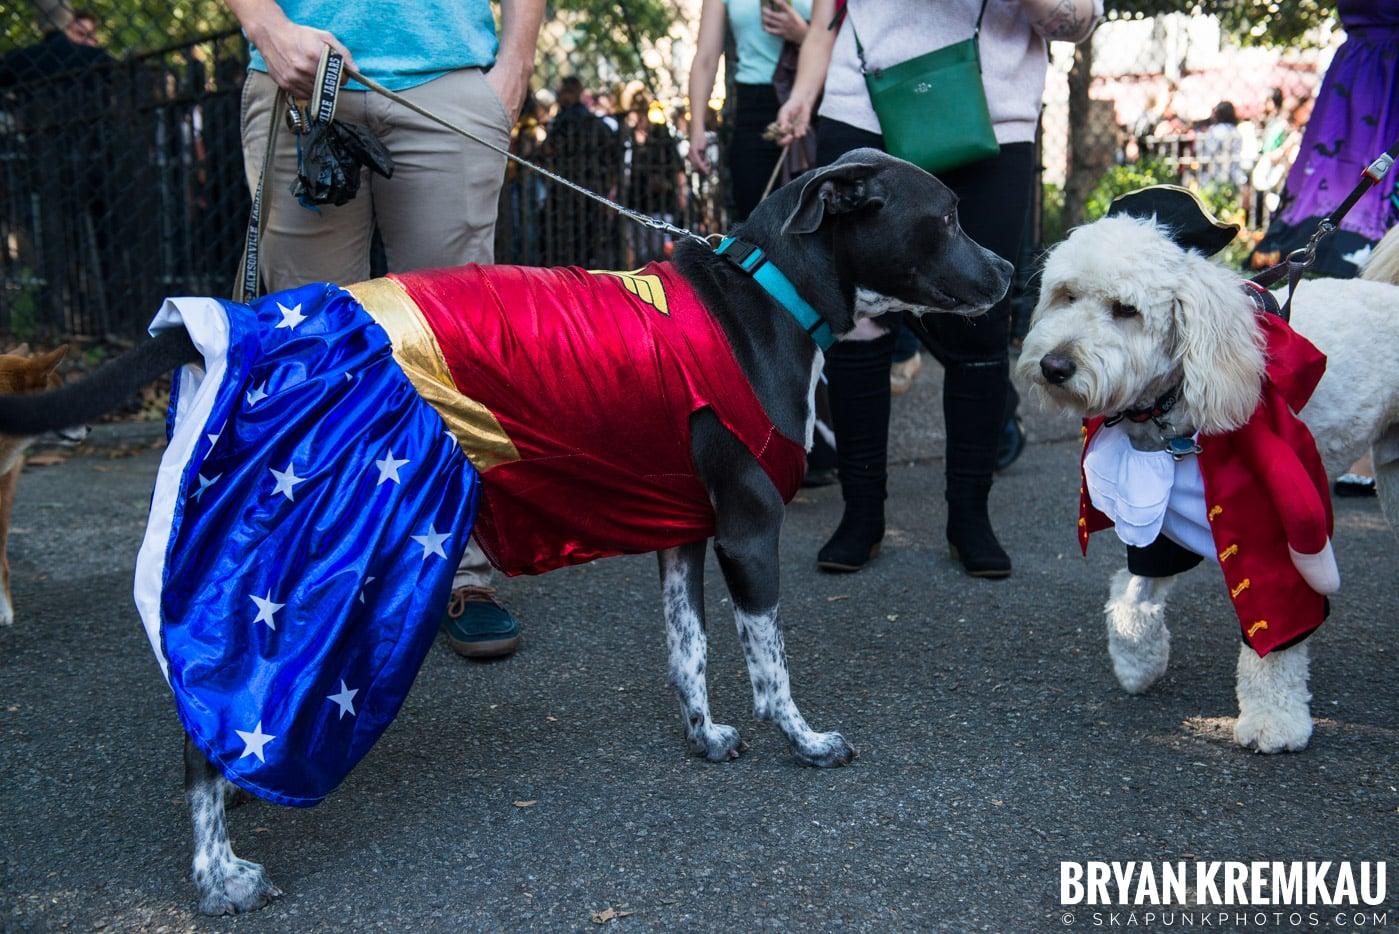 Tompkins Square Park Halloween Dog Parade 2017 @ Tompkins Square Park, NYC - 10.21.17 (14)